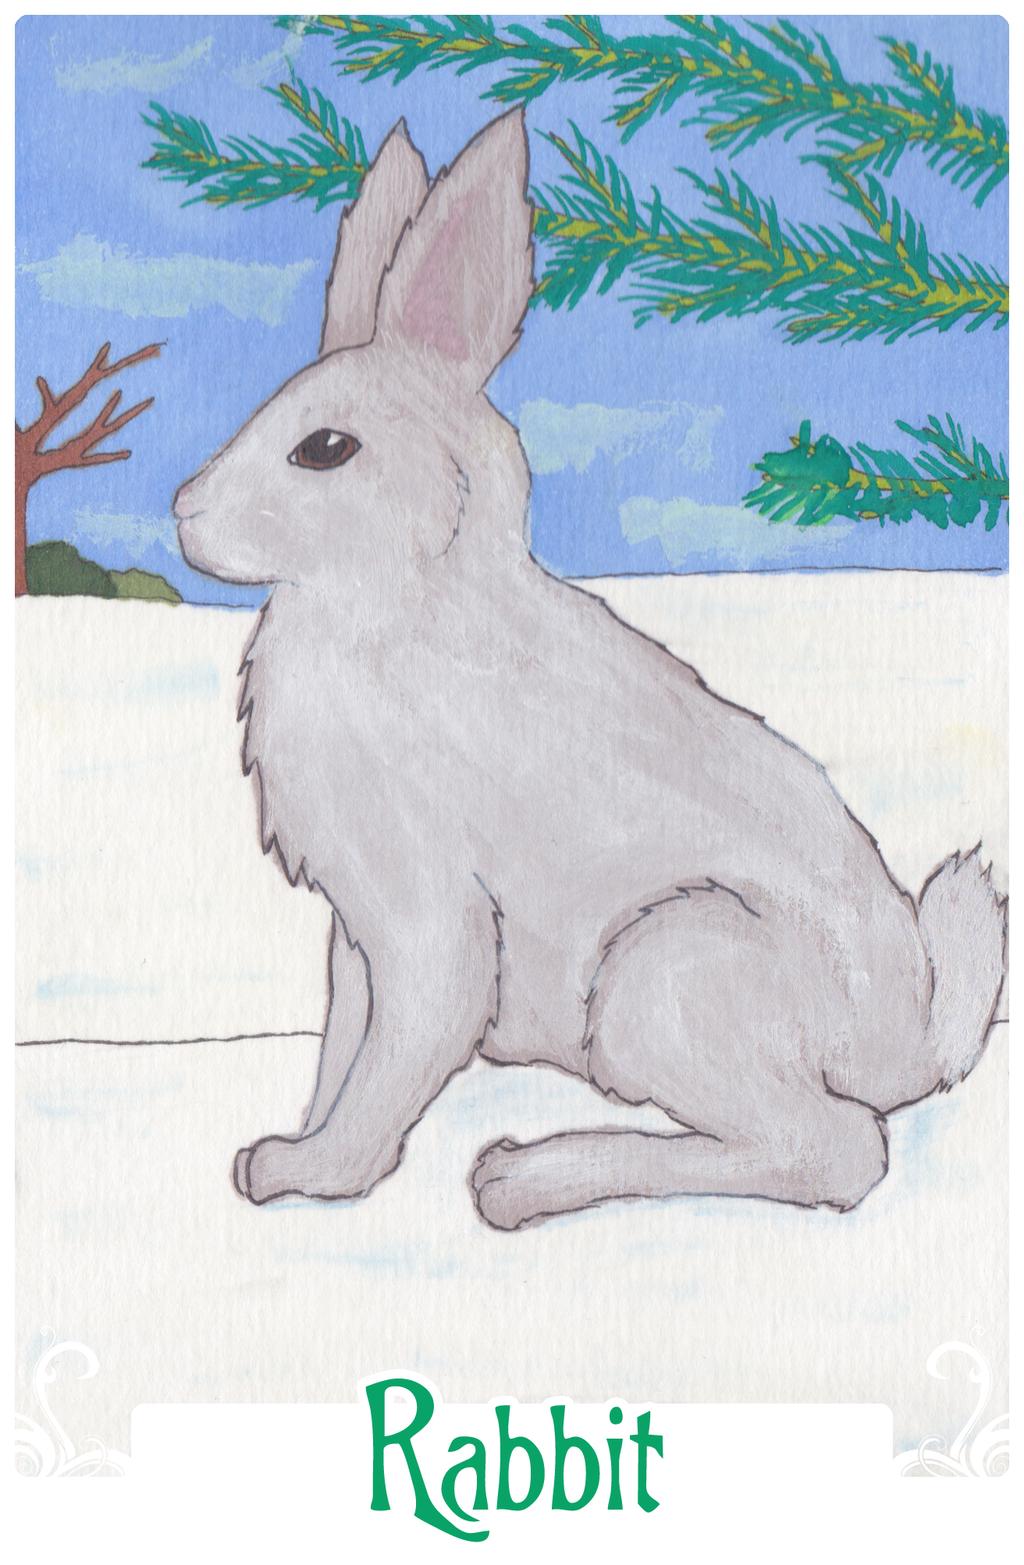 Rabbit (2014)